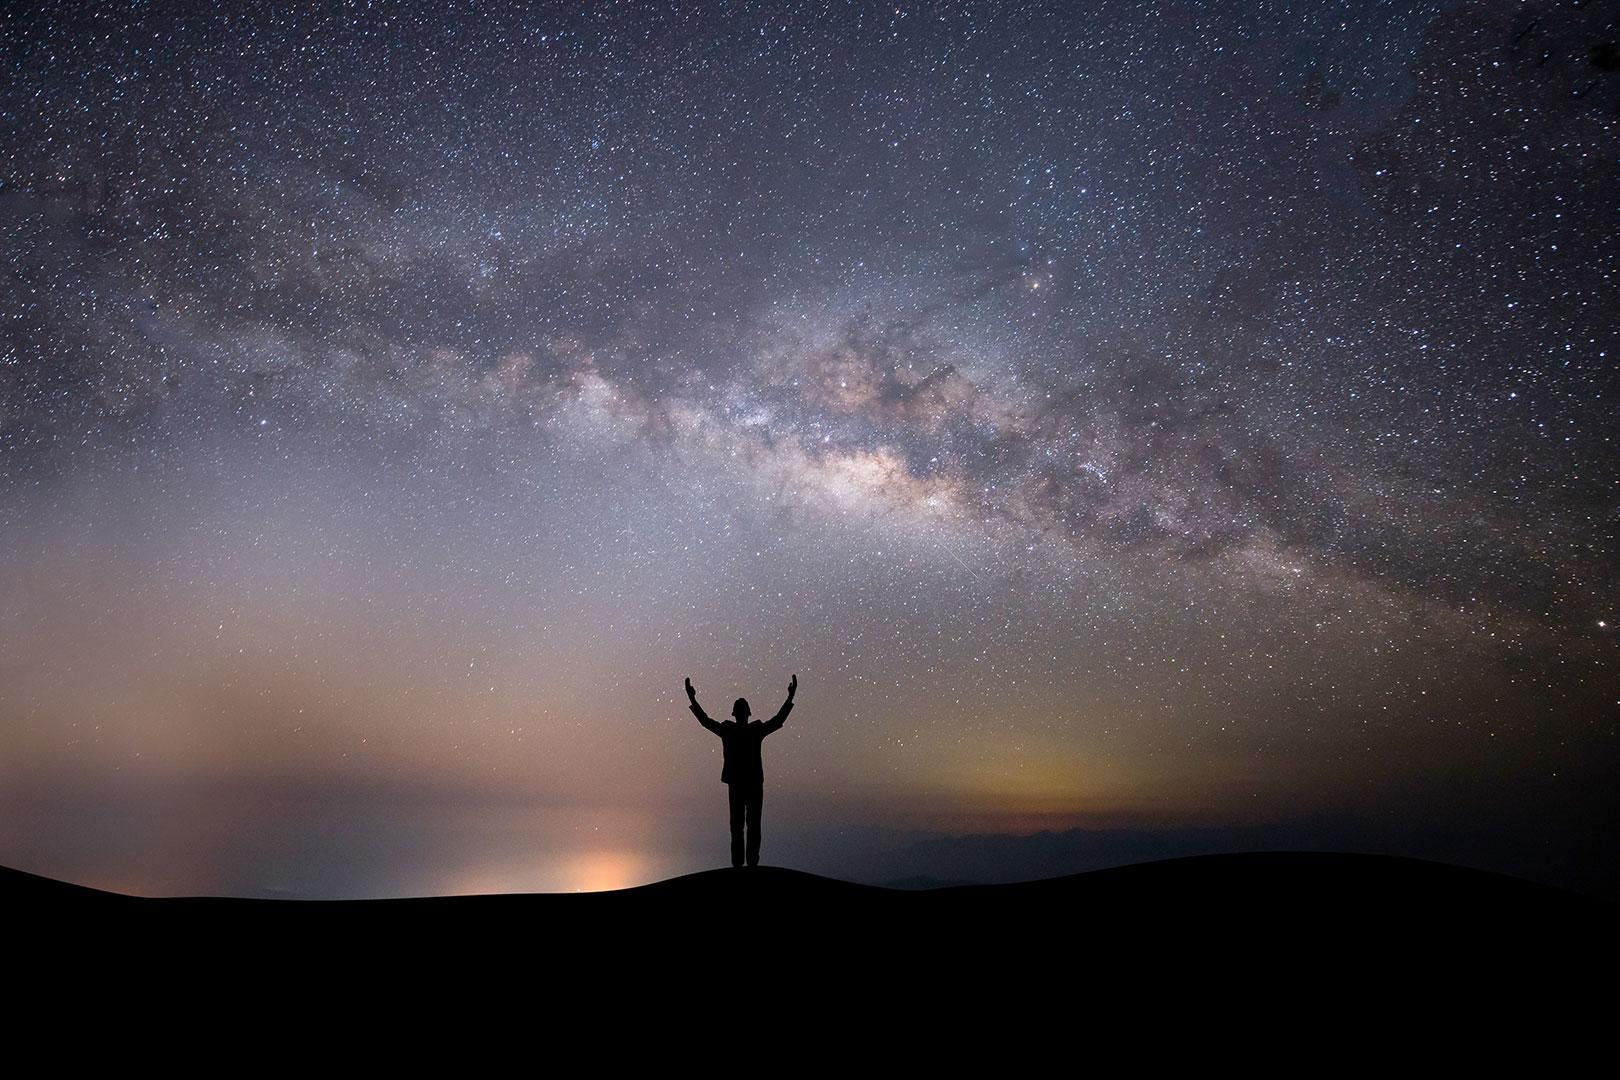 Astrofotografie - Teleskop kaufen und Sterne beobachten